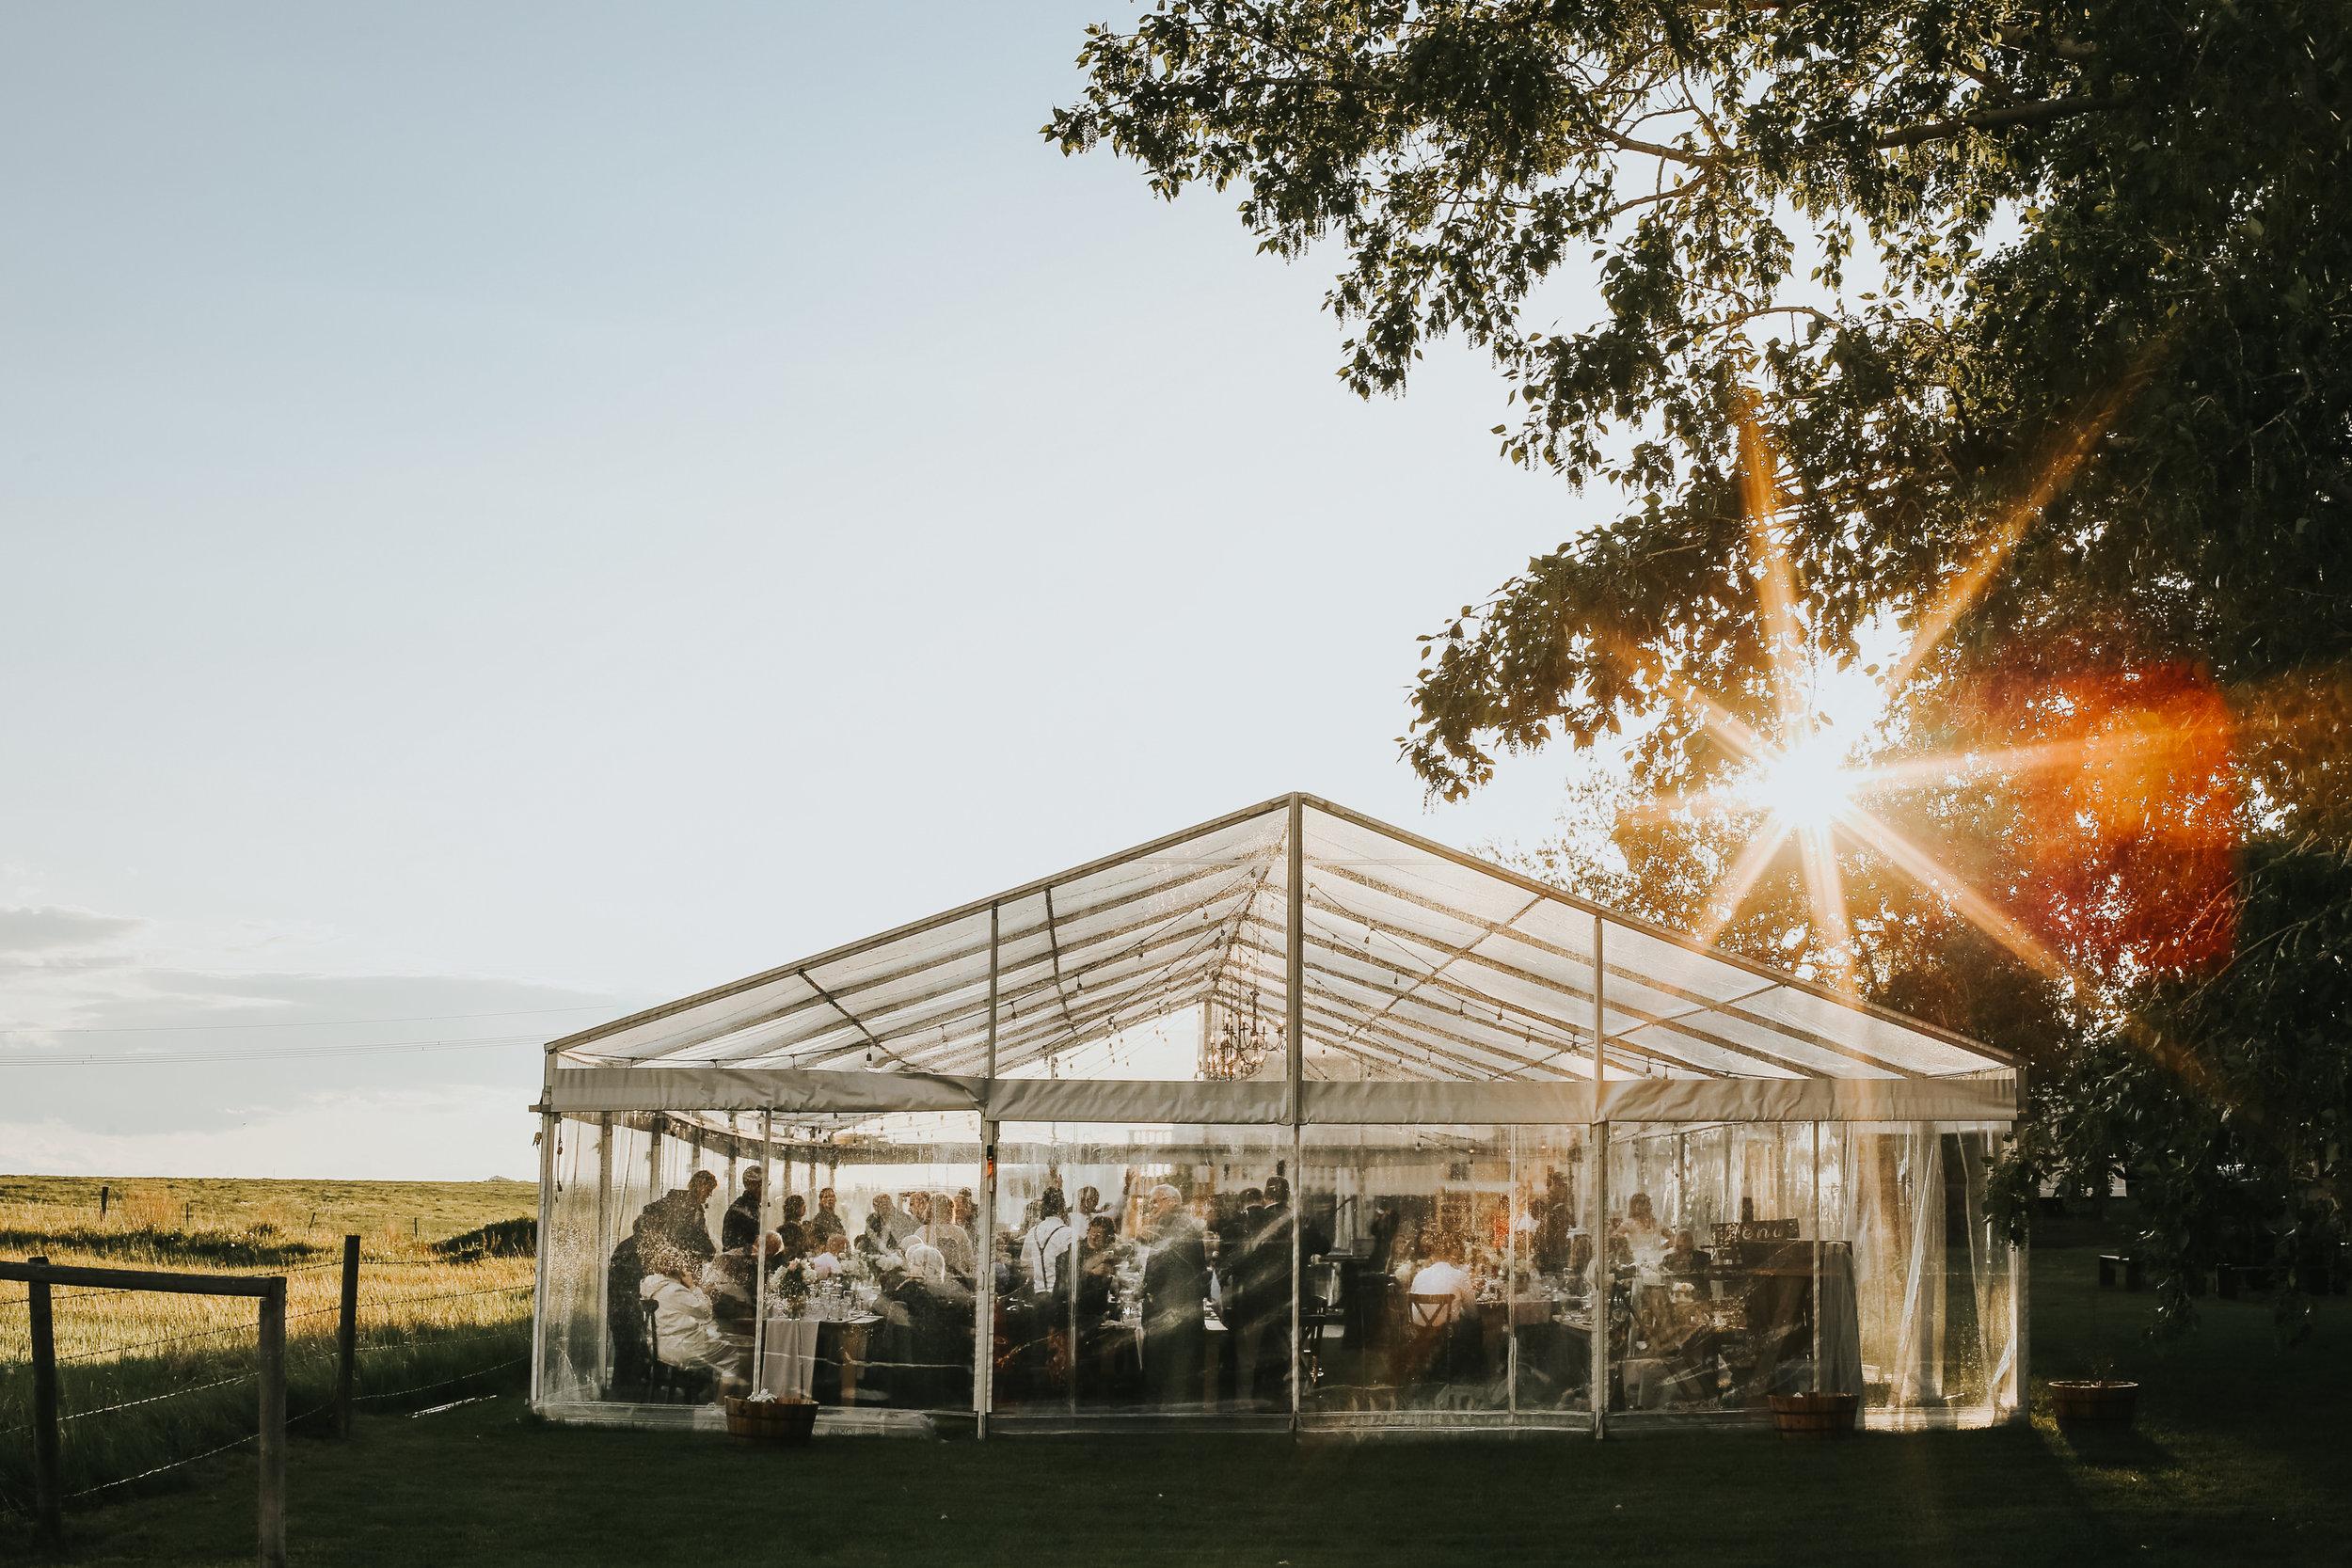 The-Gathered-Farm-Wedding-47